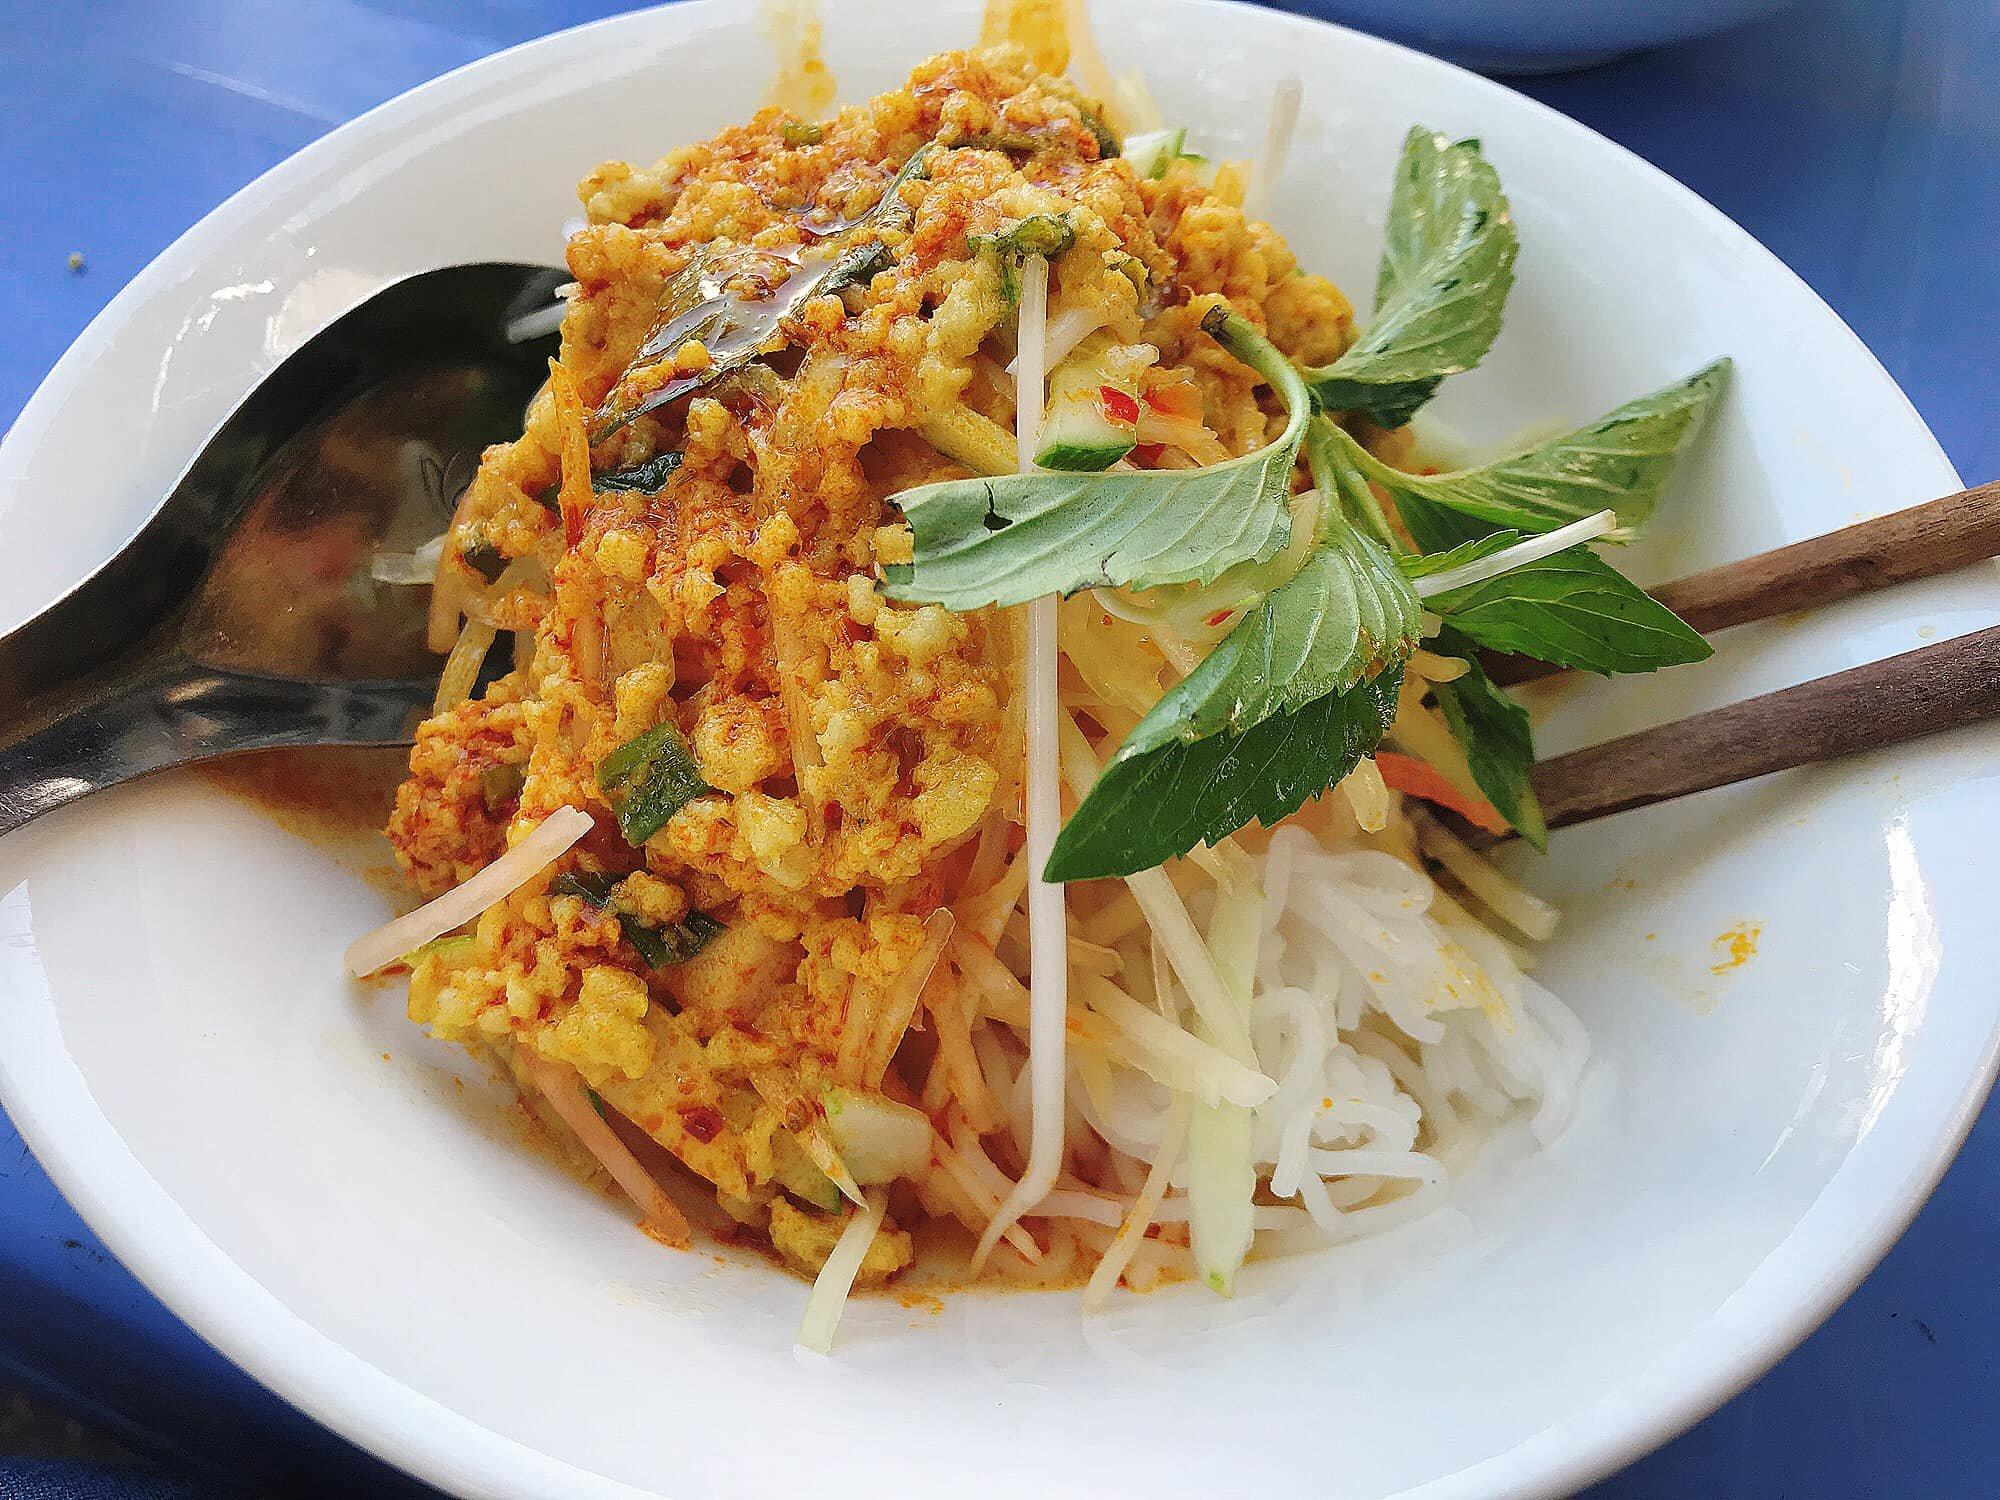 Bún kèn là món ăn khá lạ miệng tại Phú Quốc - Nguồn ảnh: Internet